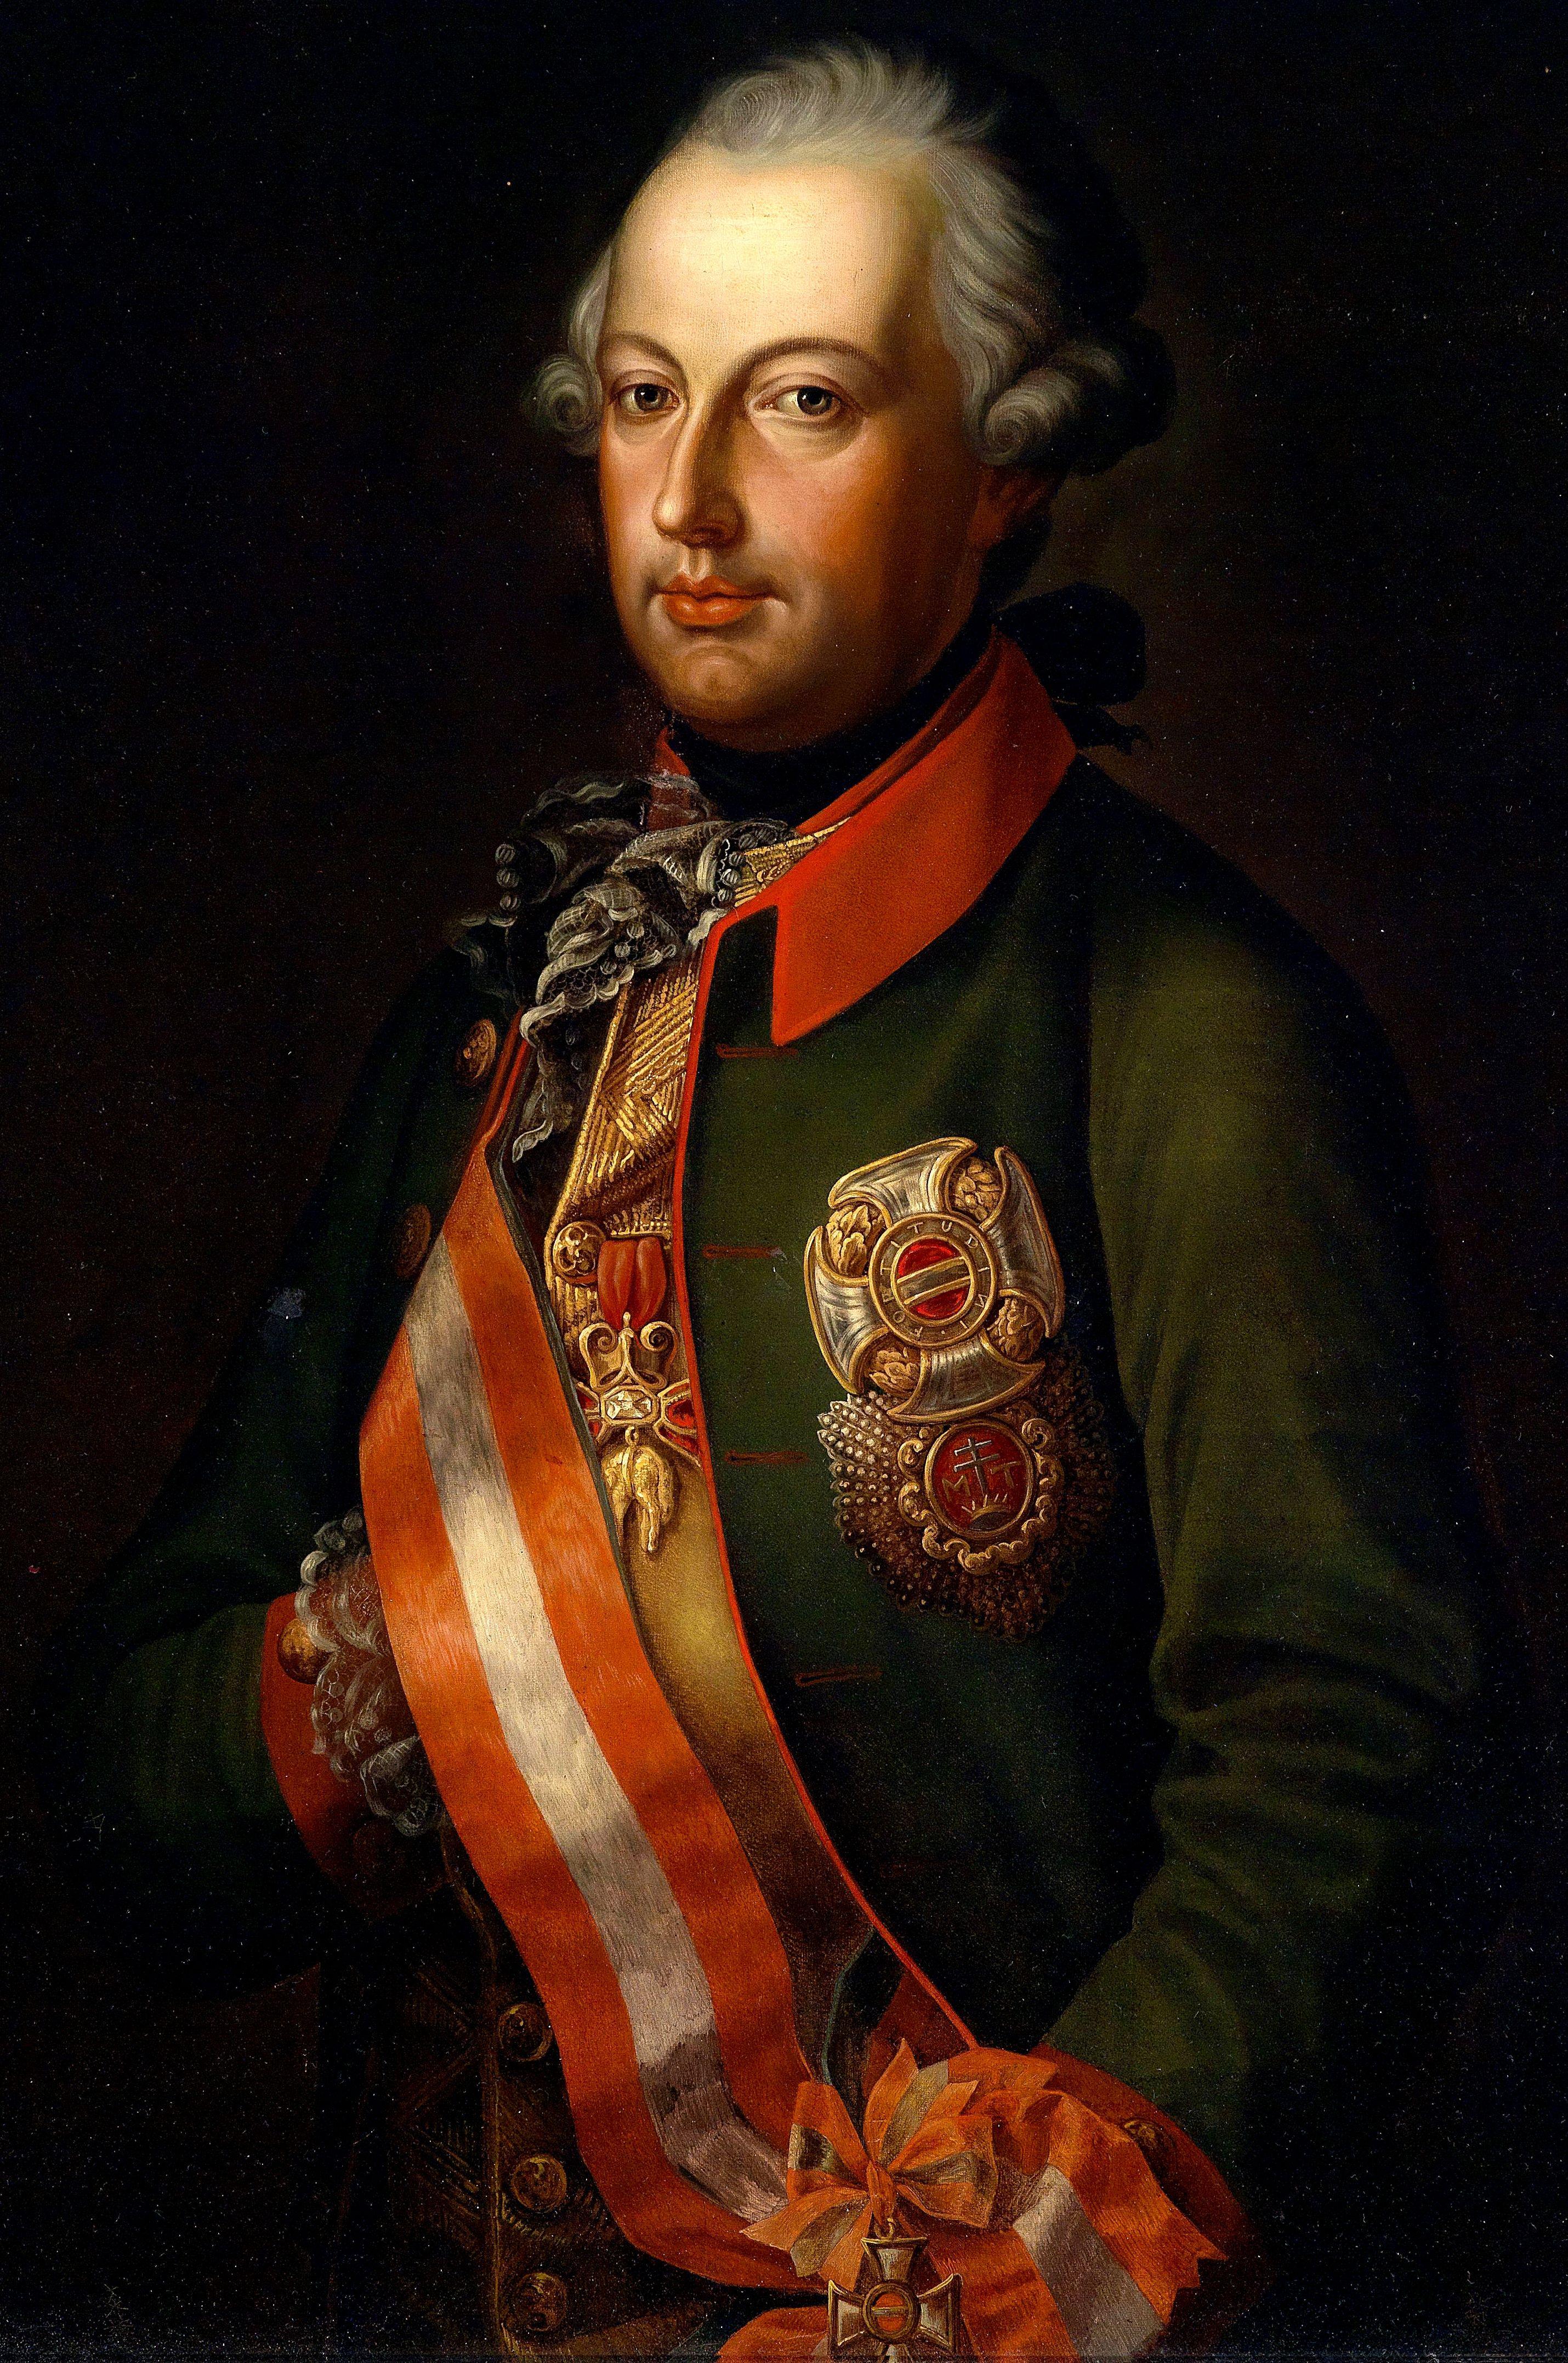 Jose Ii Emperador Del Sacro Imperio Romano Germanico Josep Ii Holy Roman Emperor 6 Sacro Imperio Romano Sacro Imperio Romano Germanico Sacro Imperio